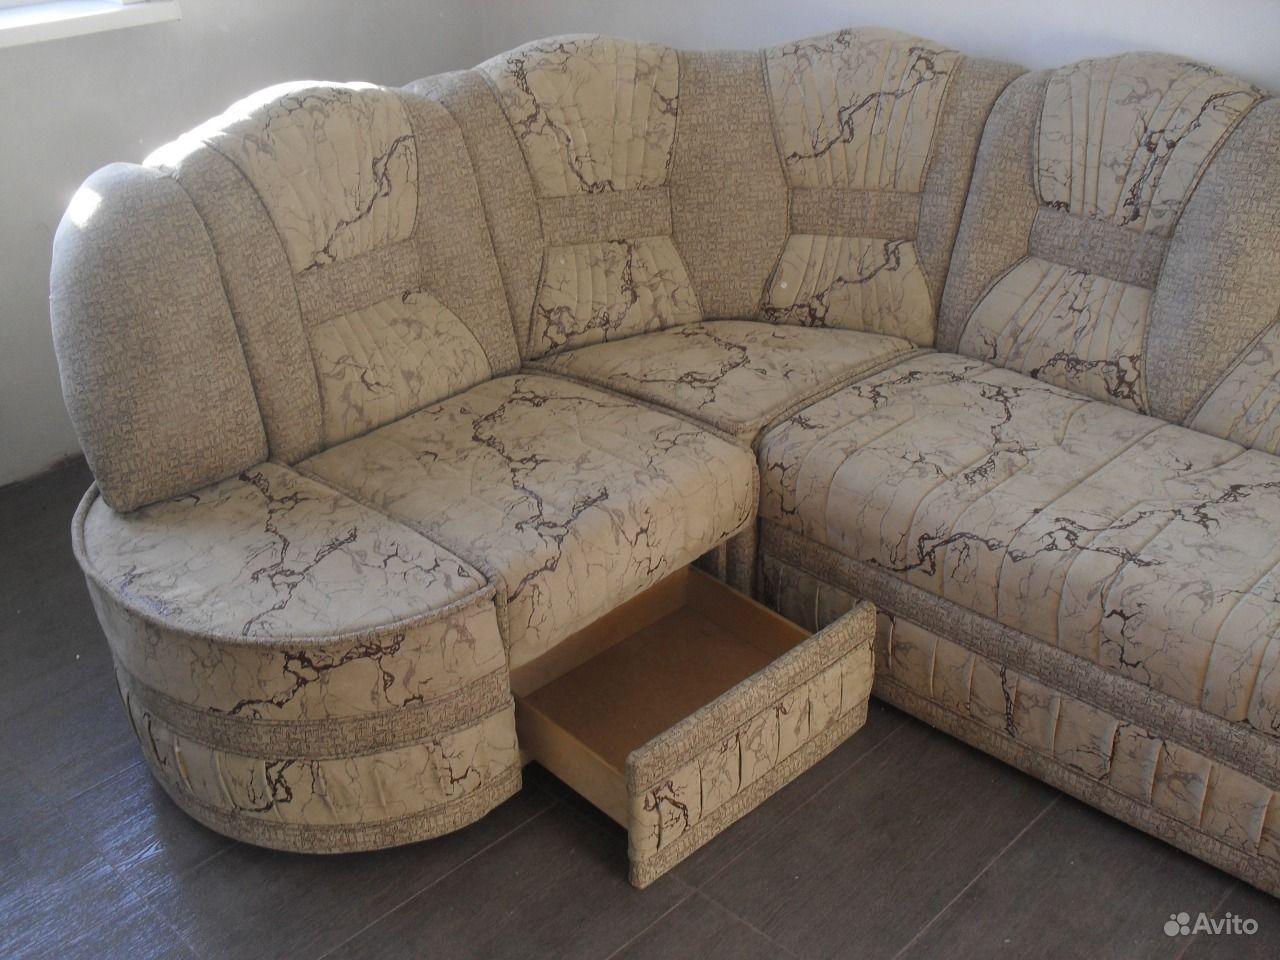 Акция от цвет диванов в липецке: мебель для детской со скидкой до 50%! на инфоскидкару